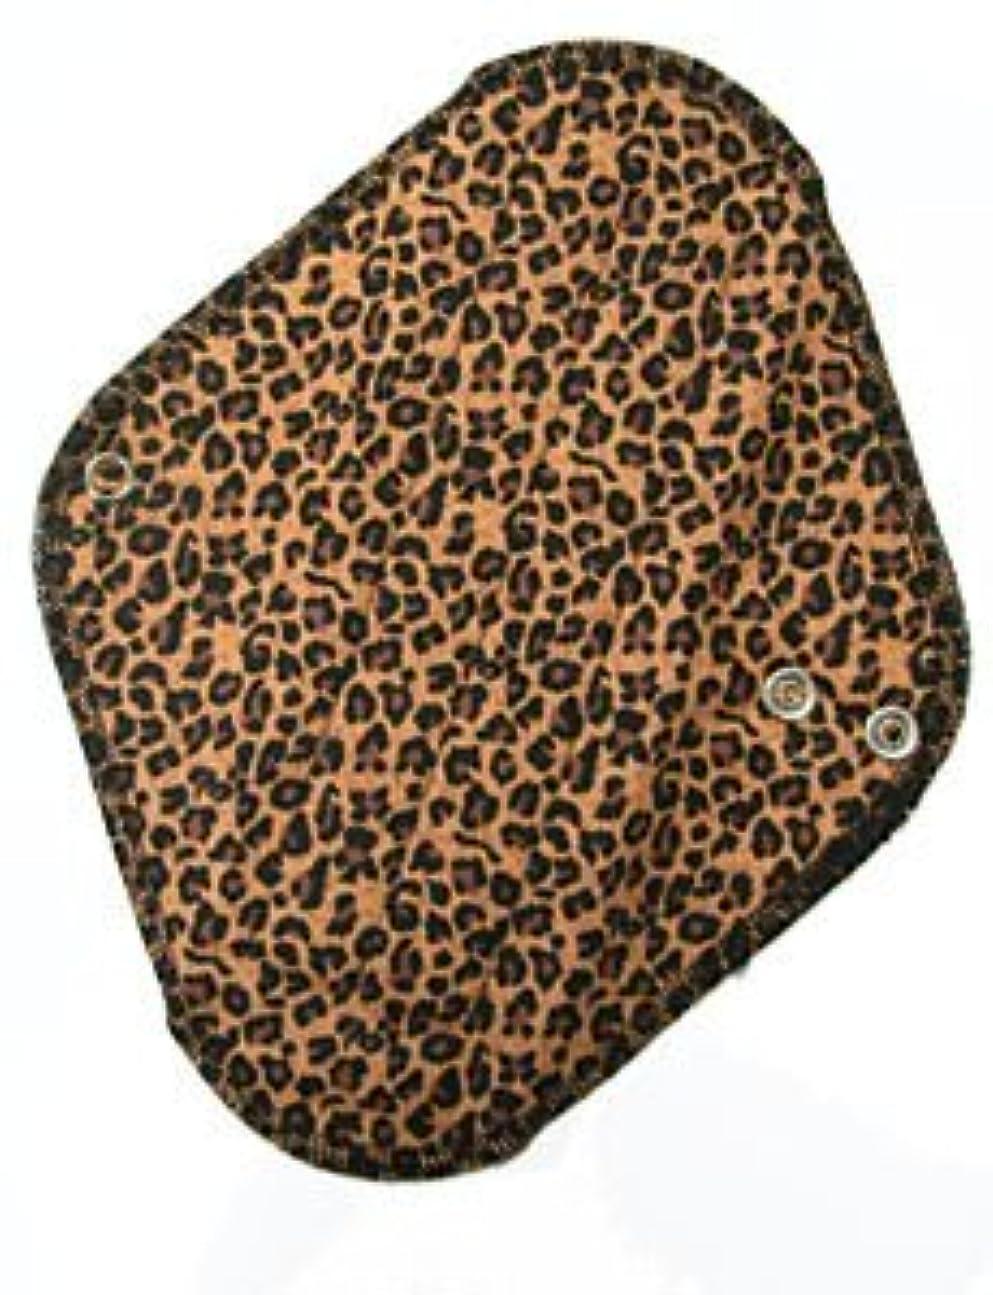 発表拍車言うWemoon (ウィムーン) スリムタイプ Mサイズ 豹柄